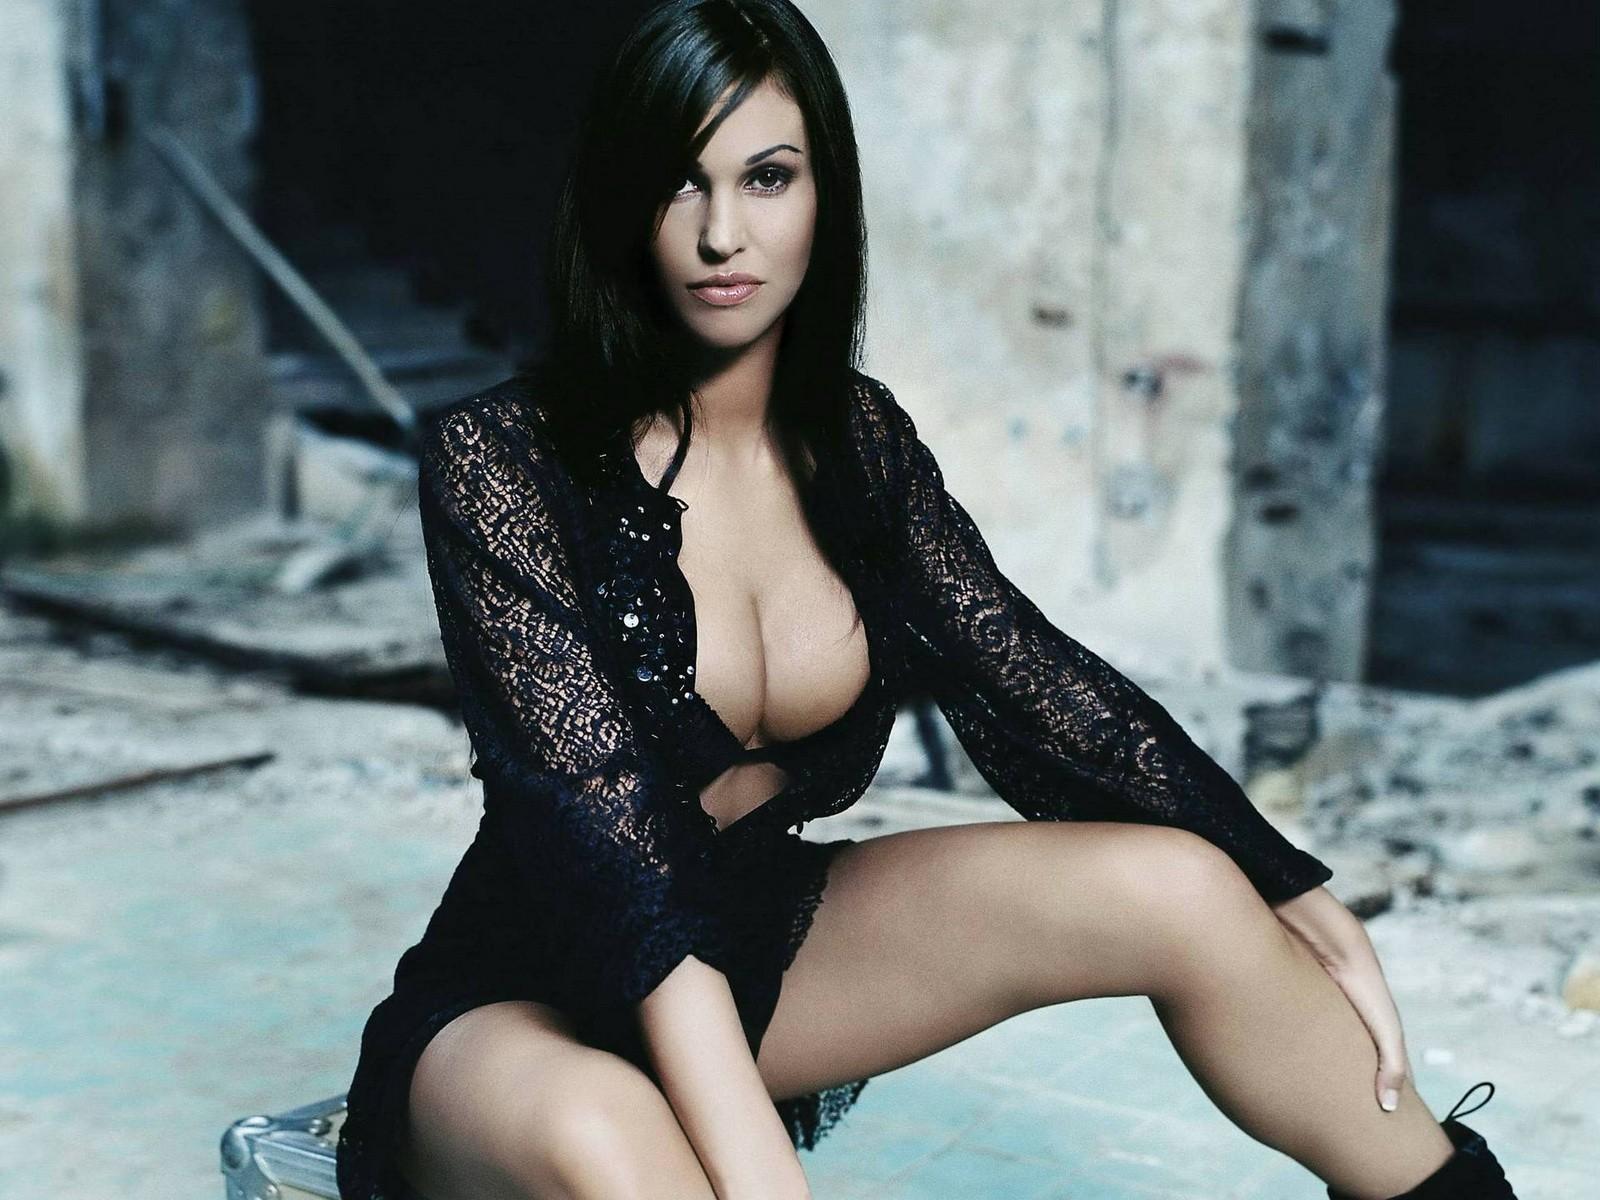 Ashley judd breasts